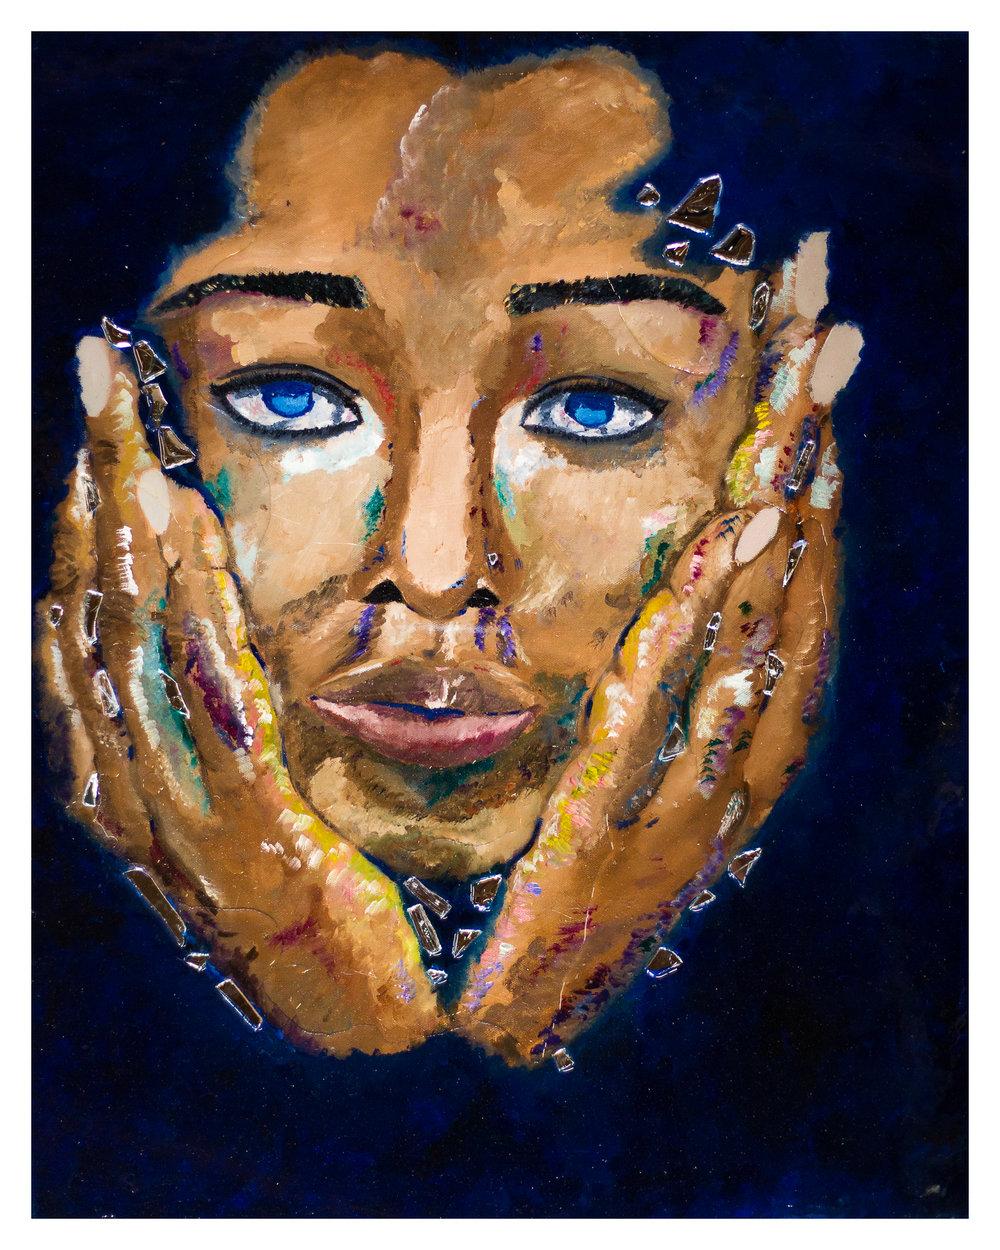 1. Fefe - The Bluest Eye - 24 x 30 - OilMirrorResin on Canvas - 2017 - $1,000.jpg